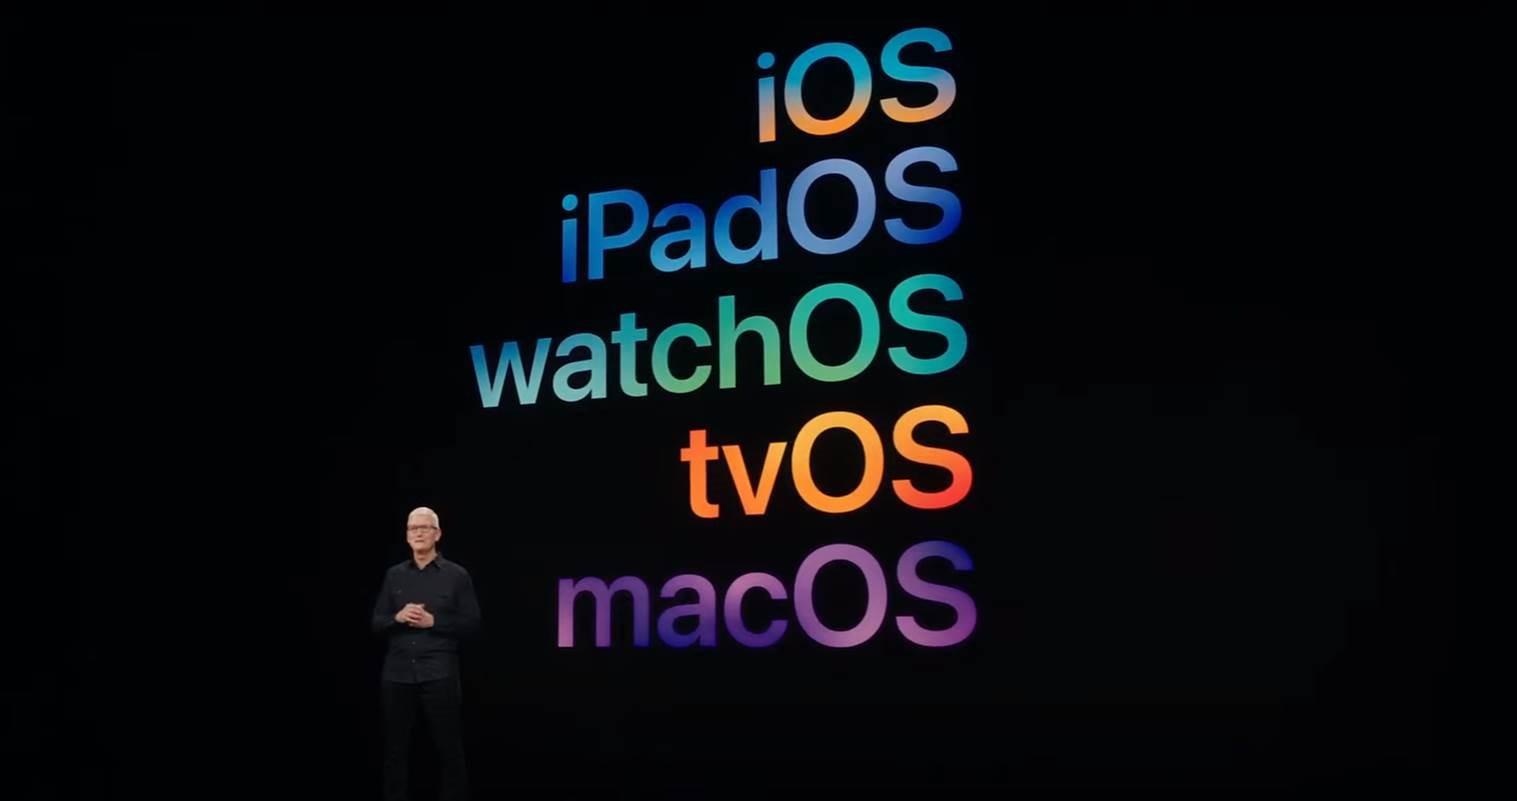 Apple WWDC: conoce lo último sobre iOS 15, iPadOS 15, macOS 12, watchOS 8 y mucho más